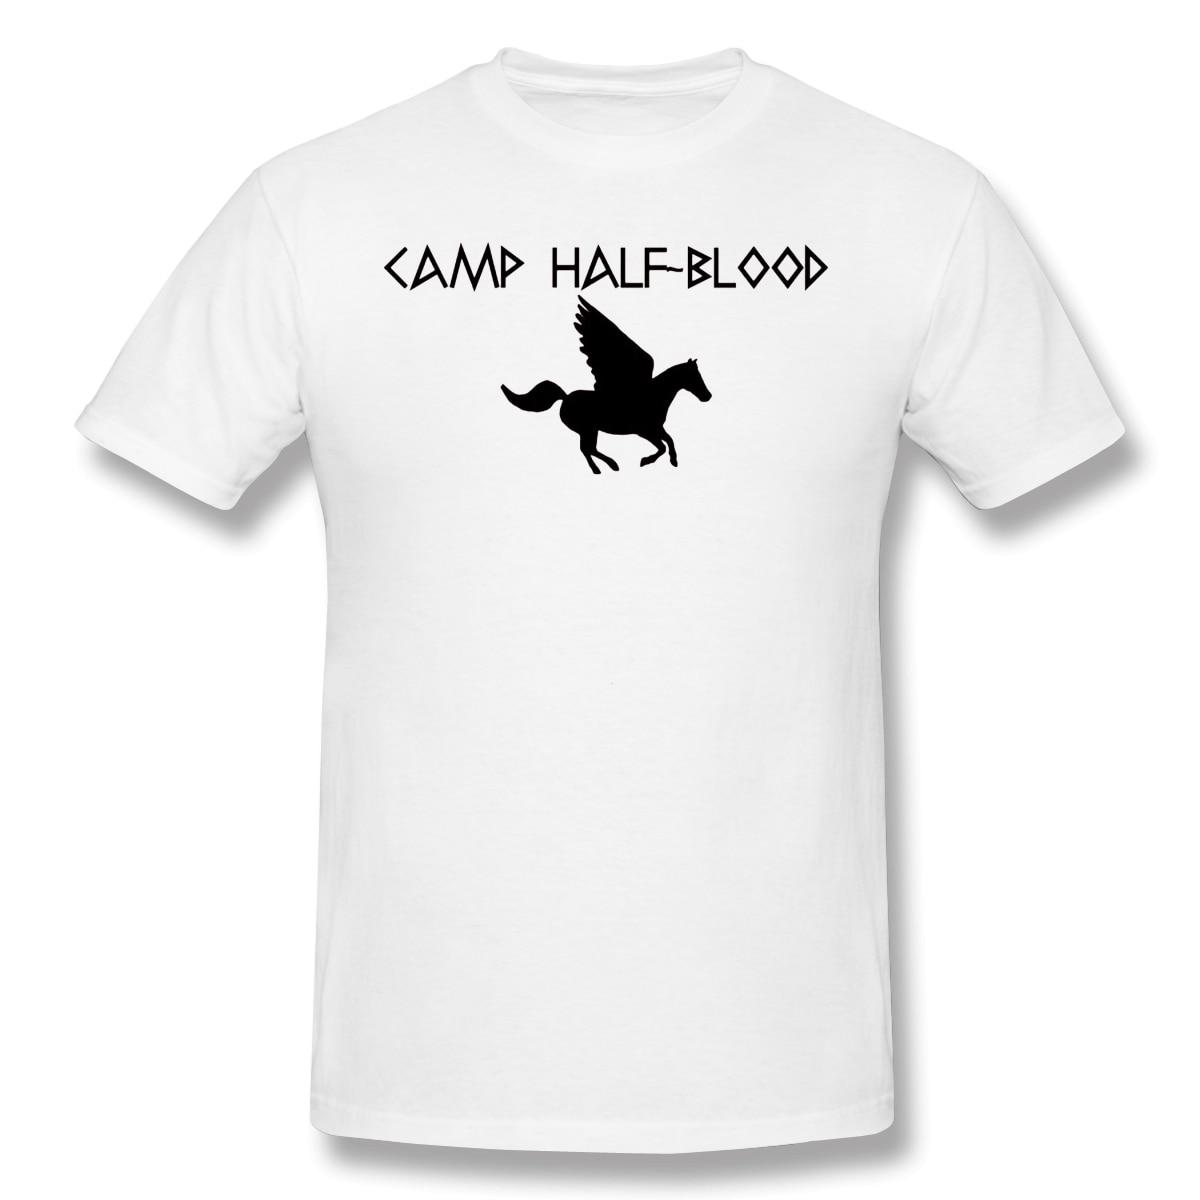 Camiseta Lost para hombres campamento media sangre gracioso cuello redondo Camiseta de algodón